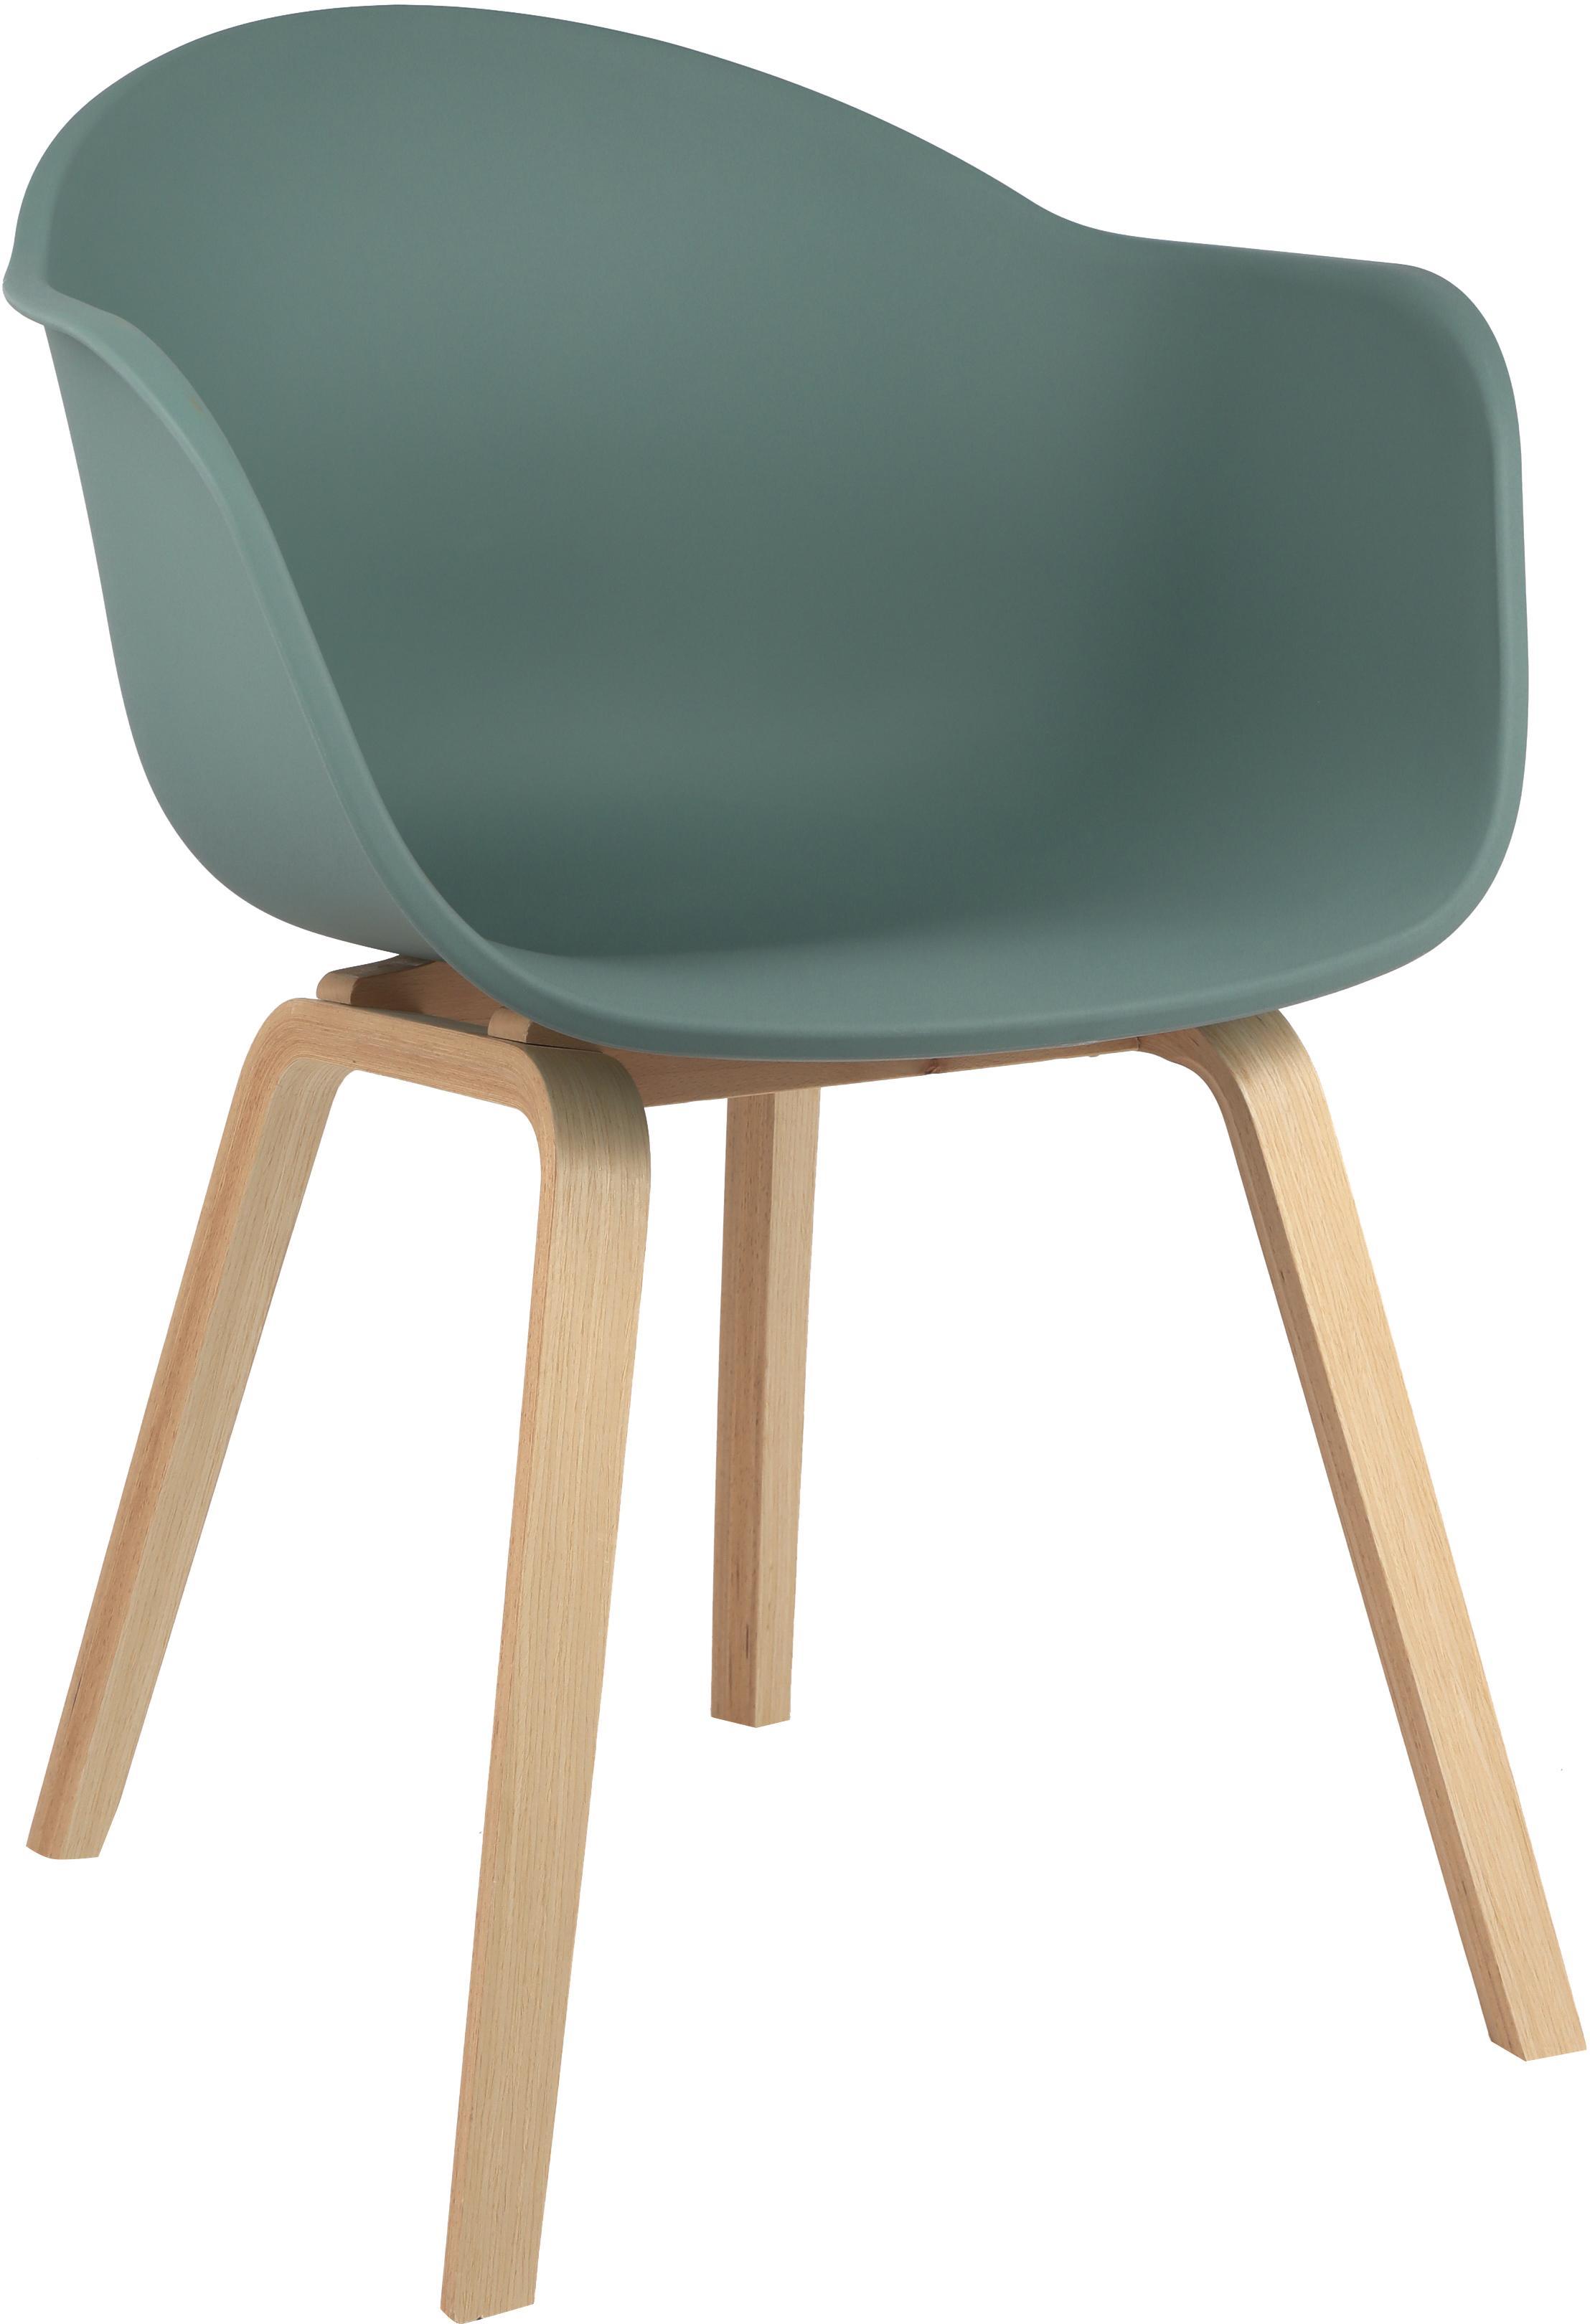 Silla con reposabrazos de plástico Claire, Asiento: plástico, Patas: madera de haya, Verde, haya, An 54 x F 60 cm